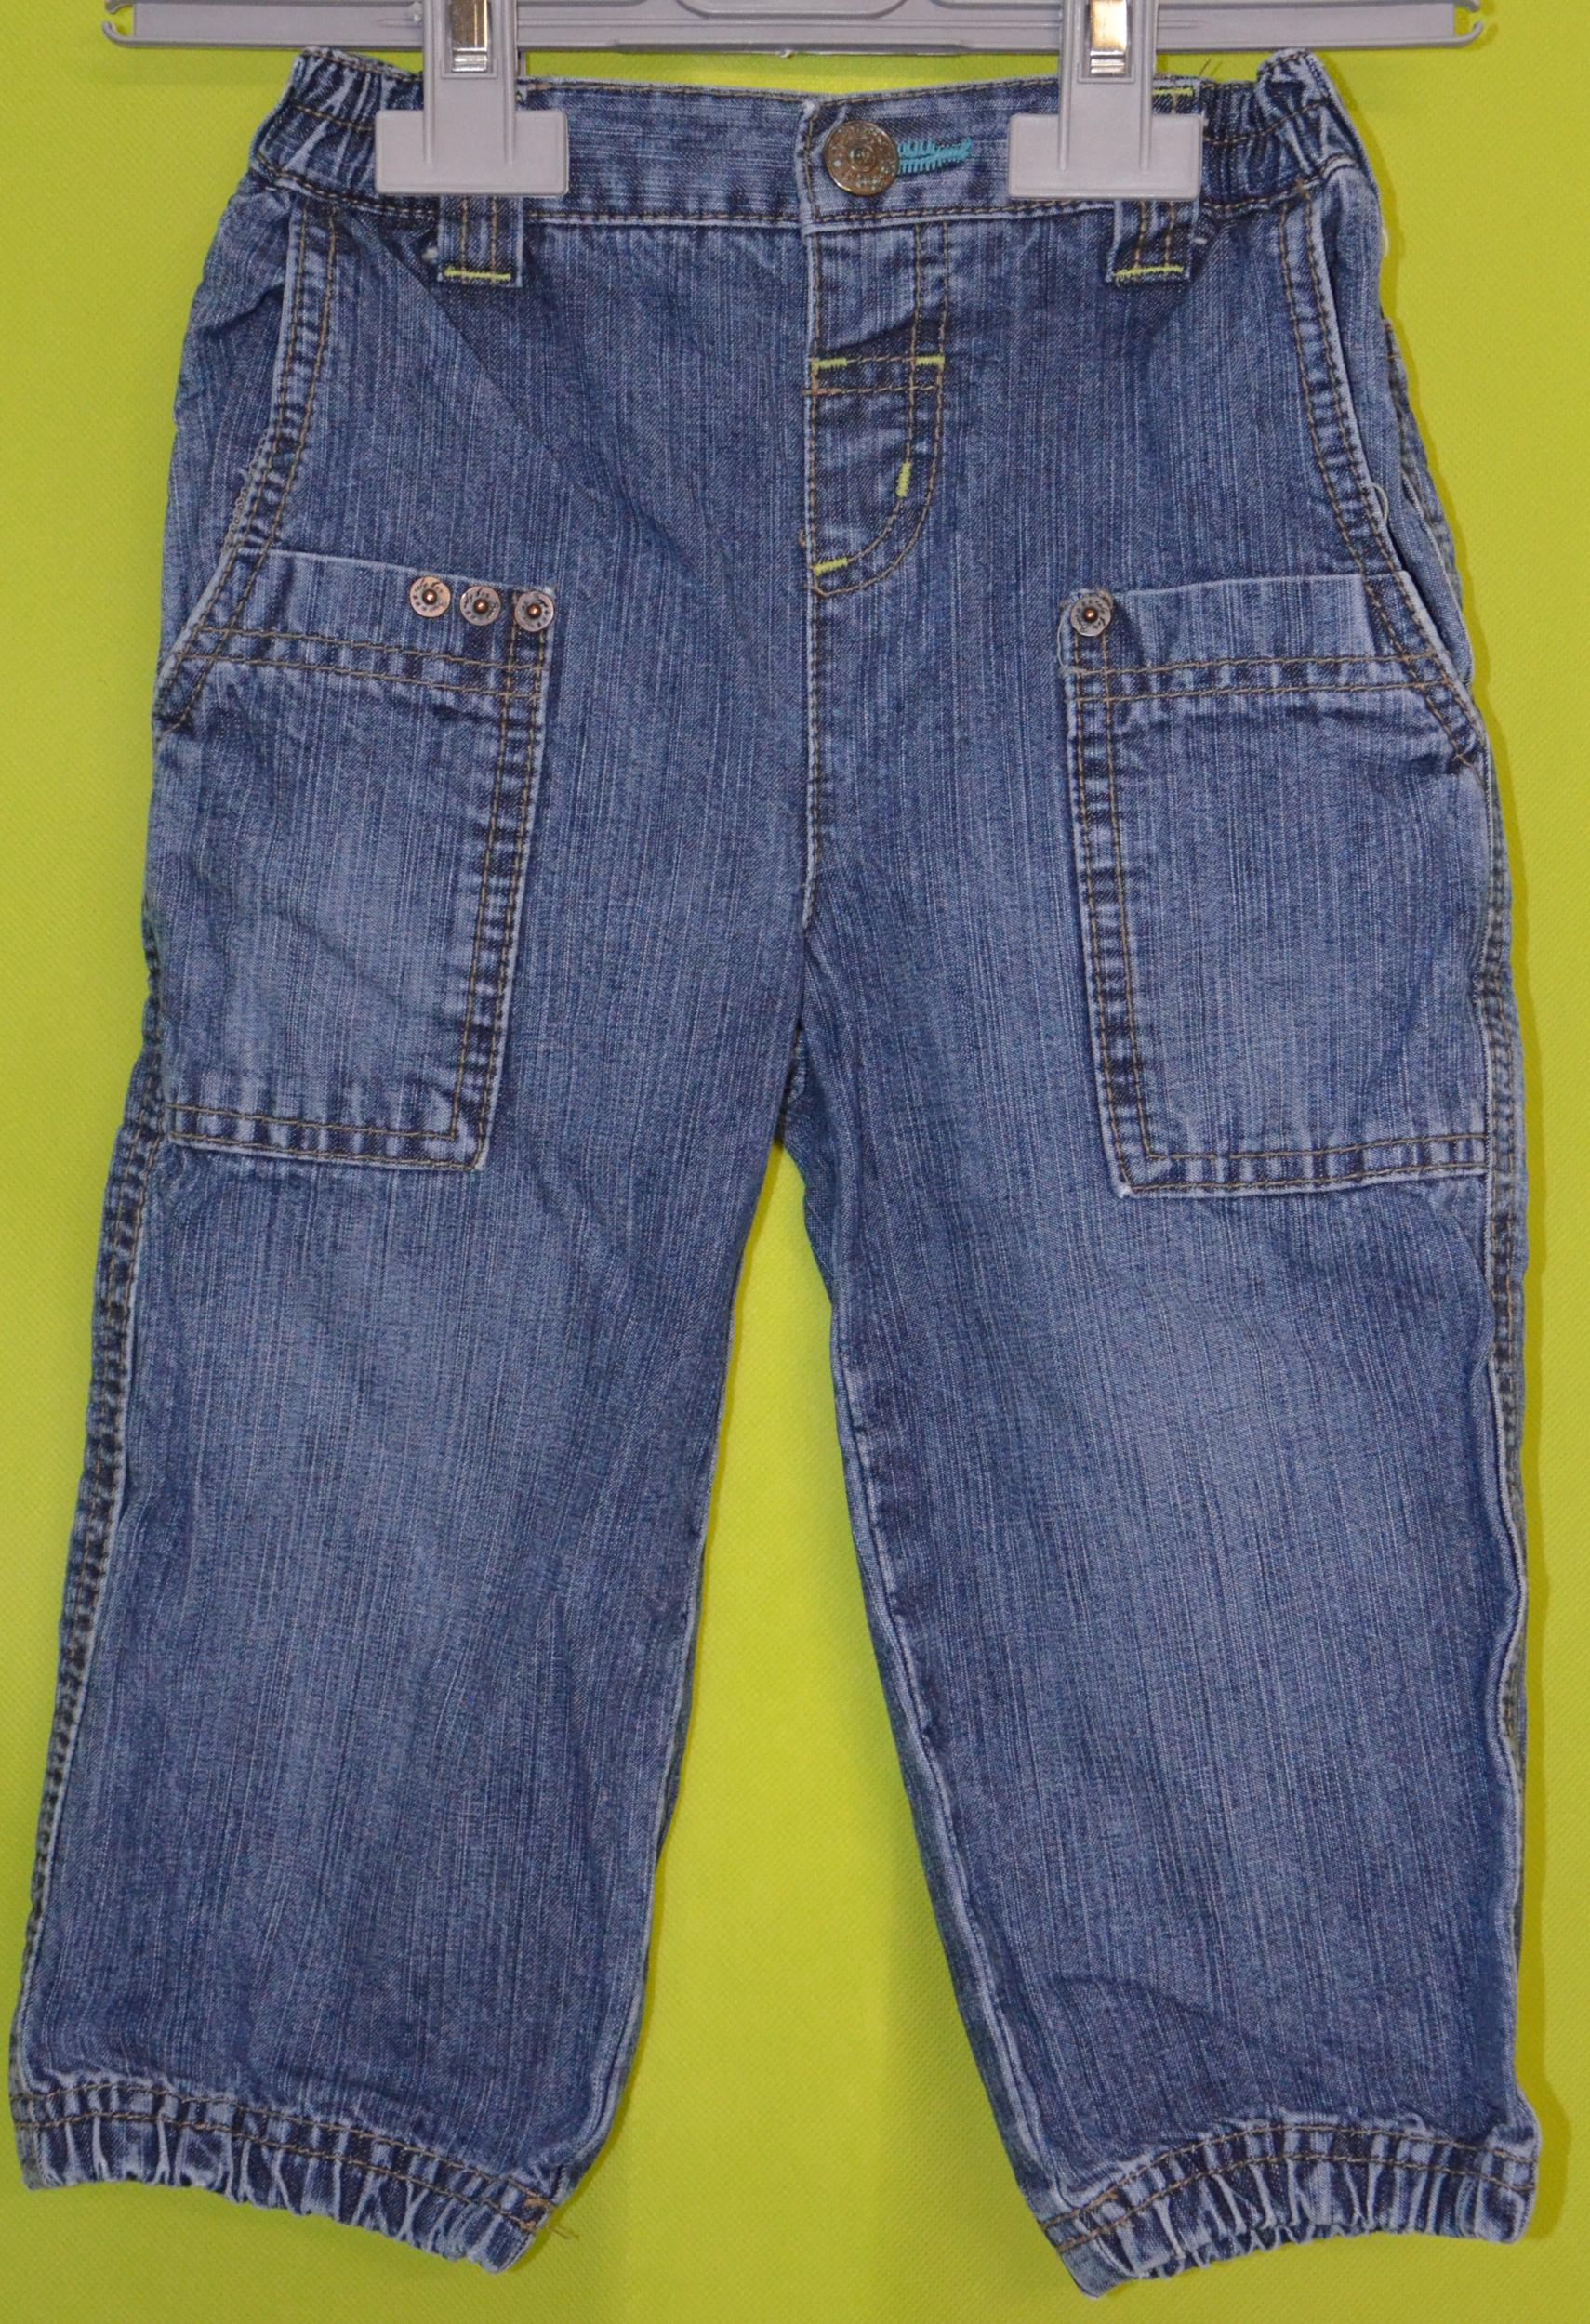 pantalon kiabi 18 mois